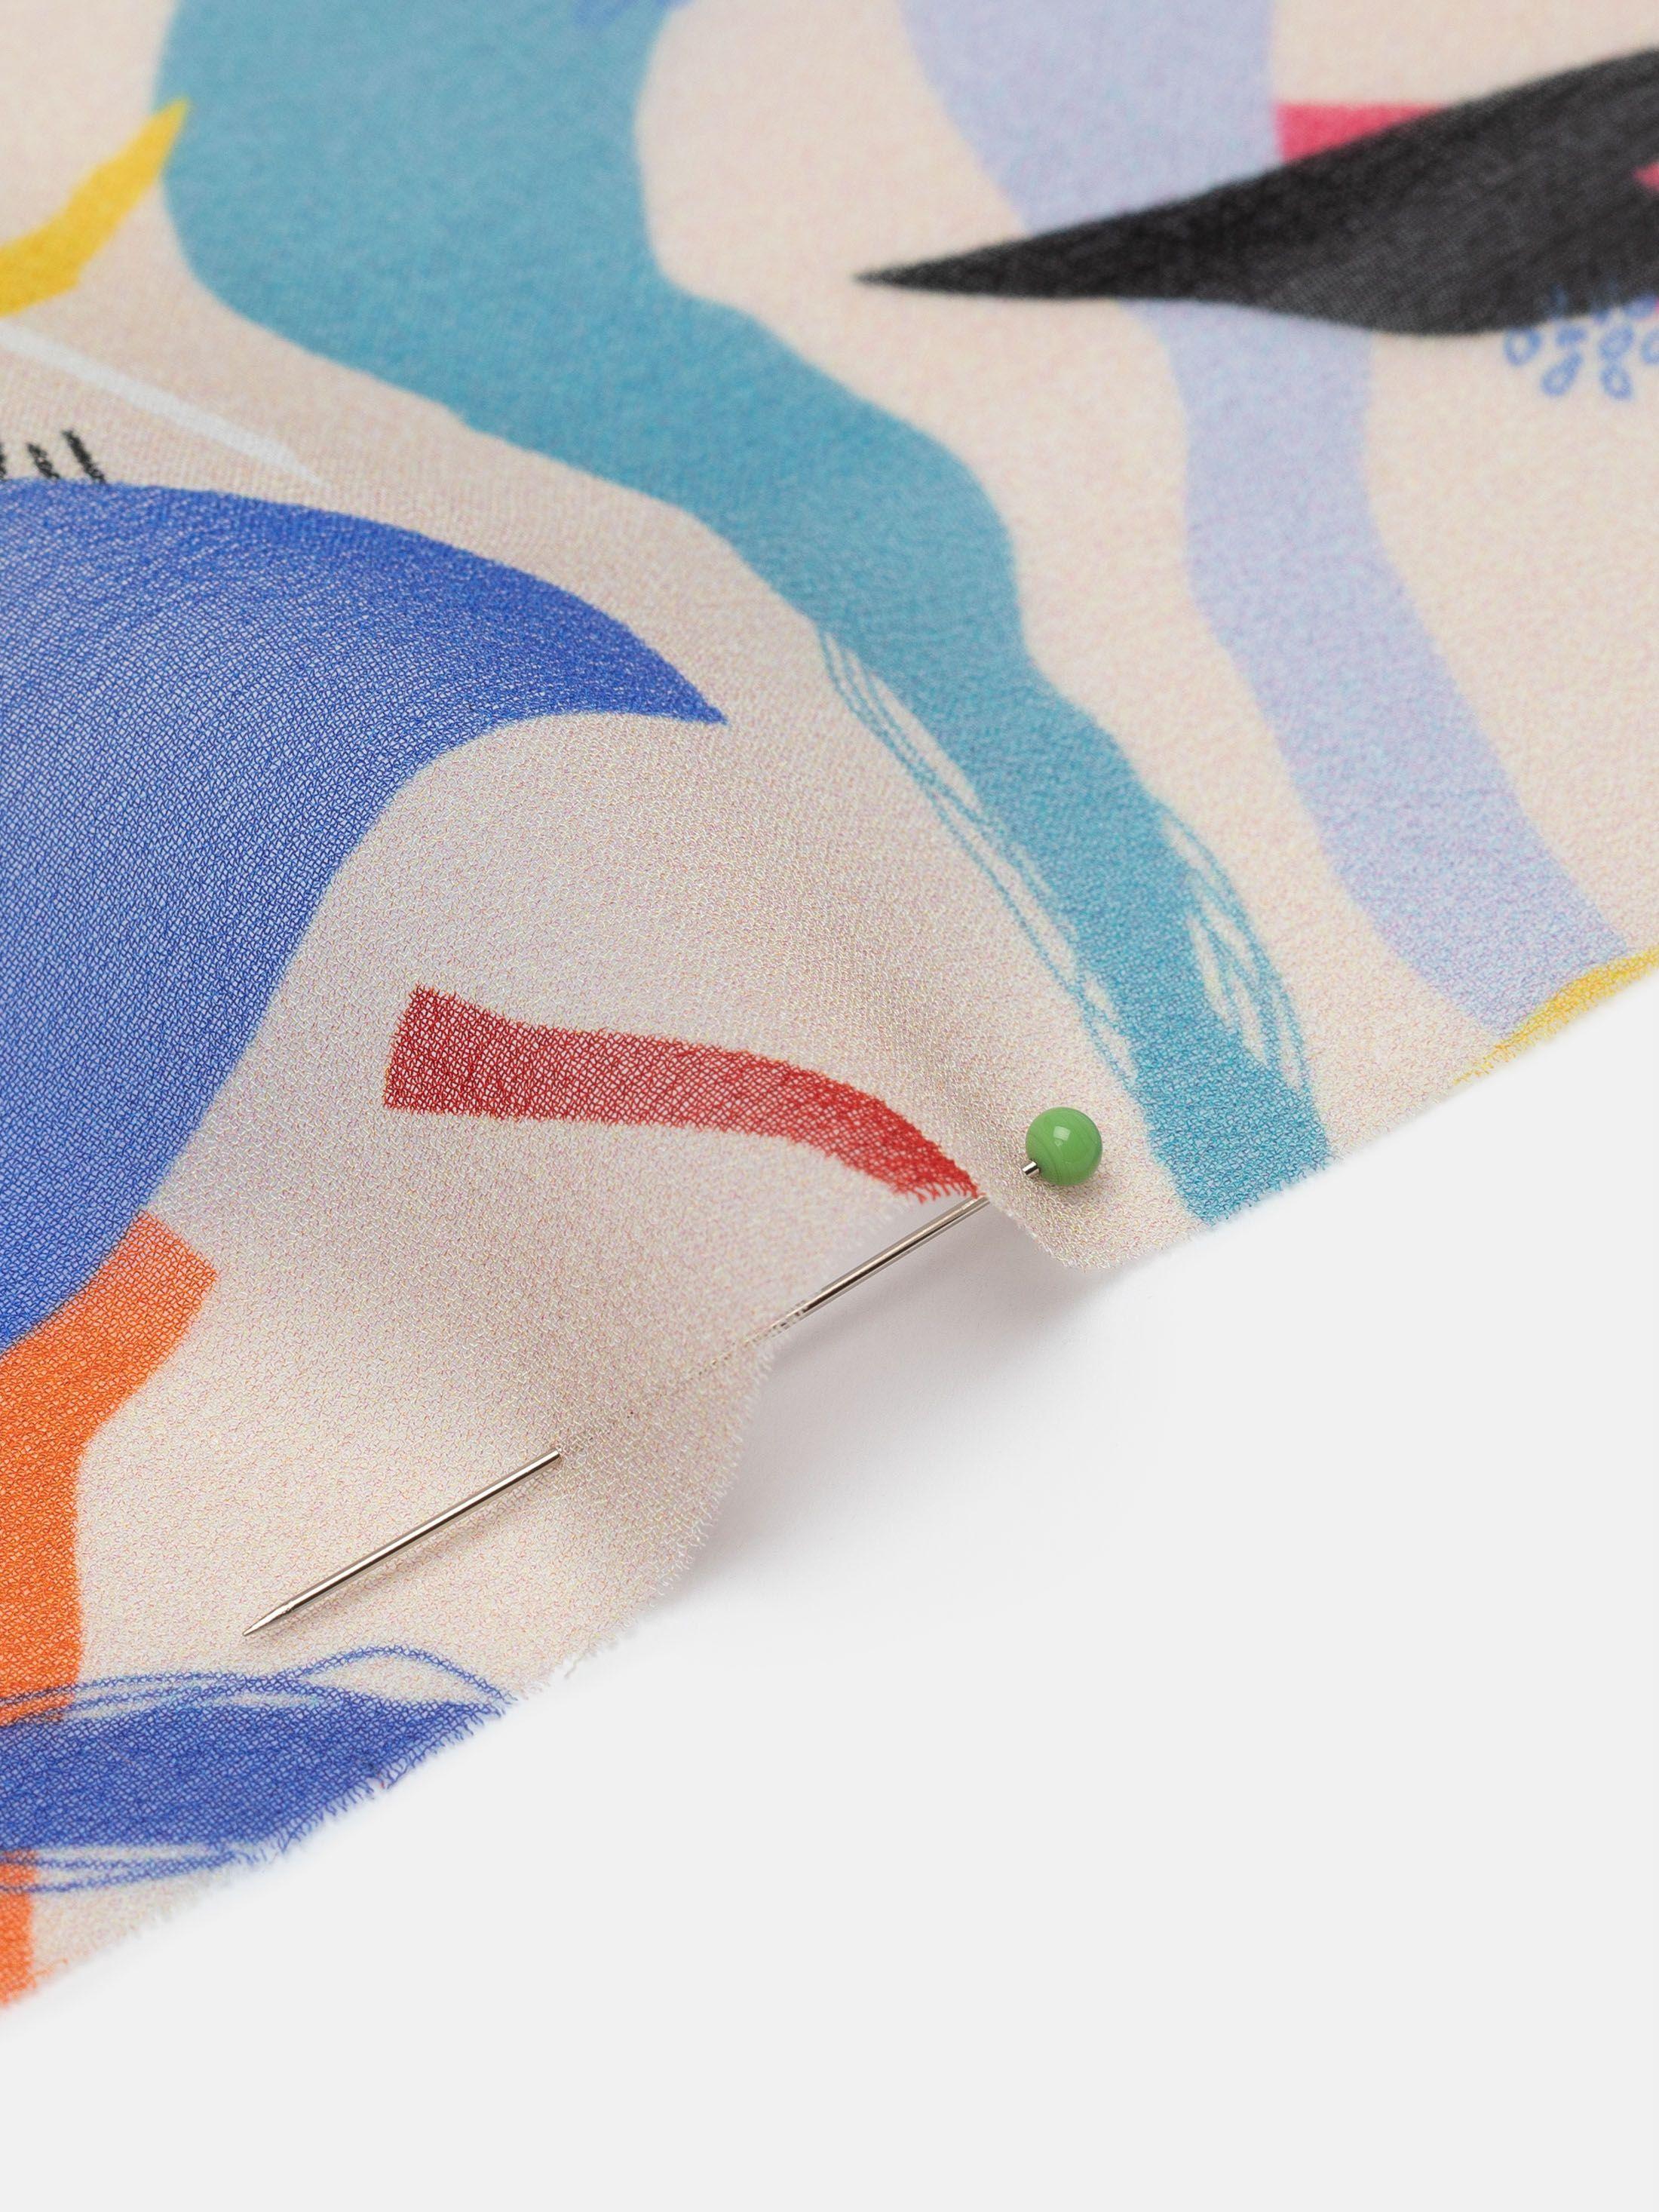 georgette seide bedrucken lassen details durchschimmernd